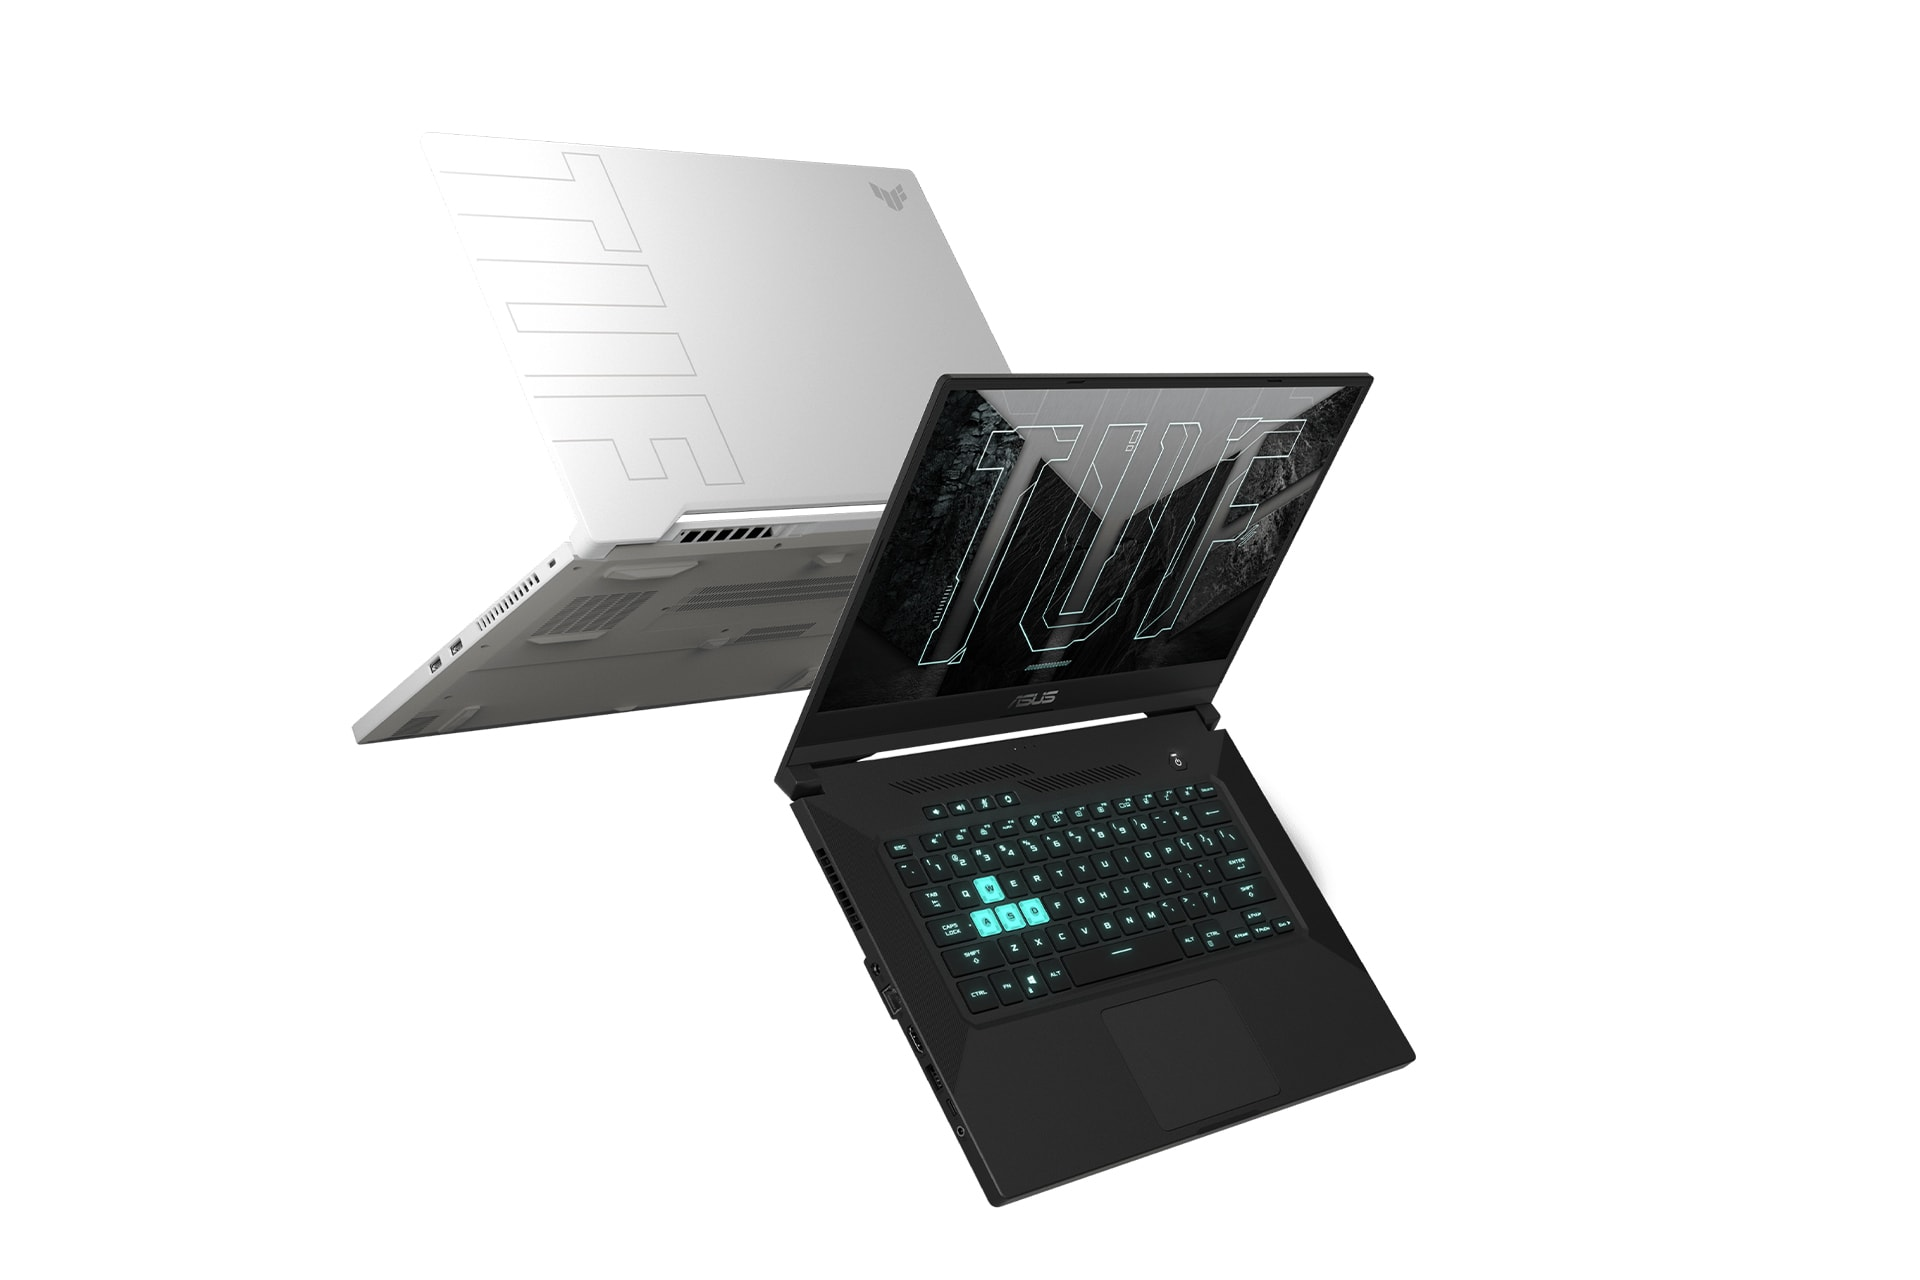 ASUS TUF Dash 15 516PE-AB73: The Ultimate Budget Gaming Laptop